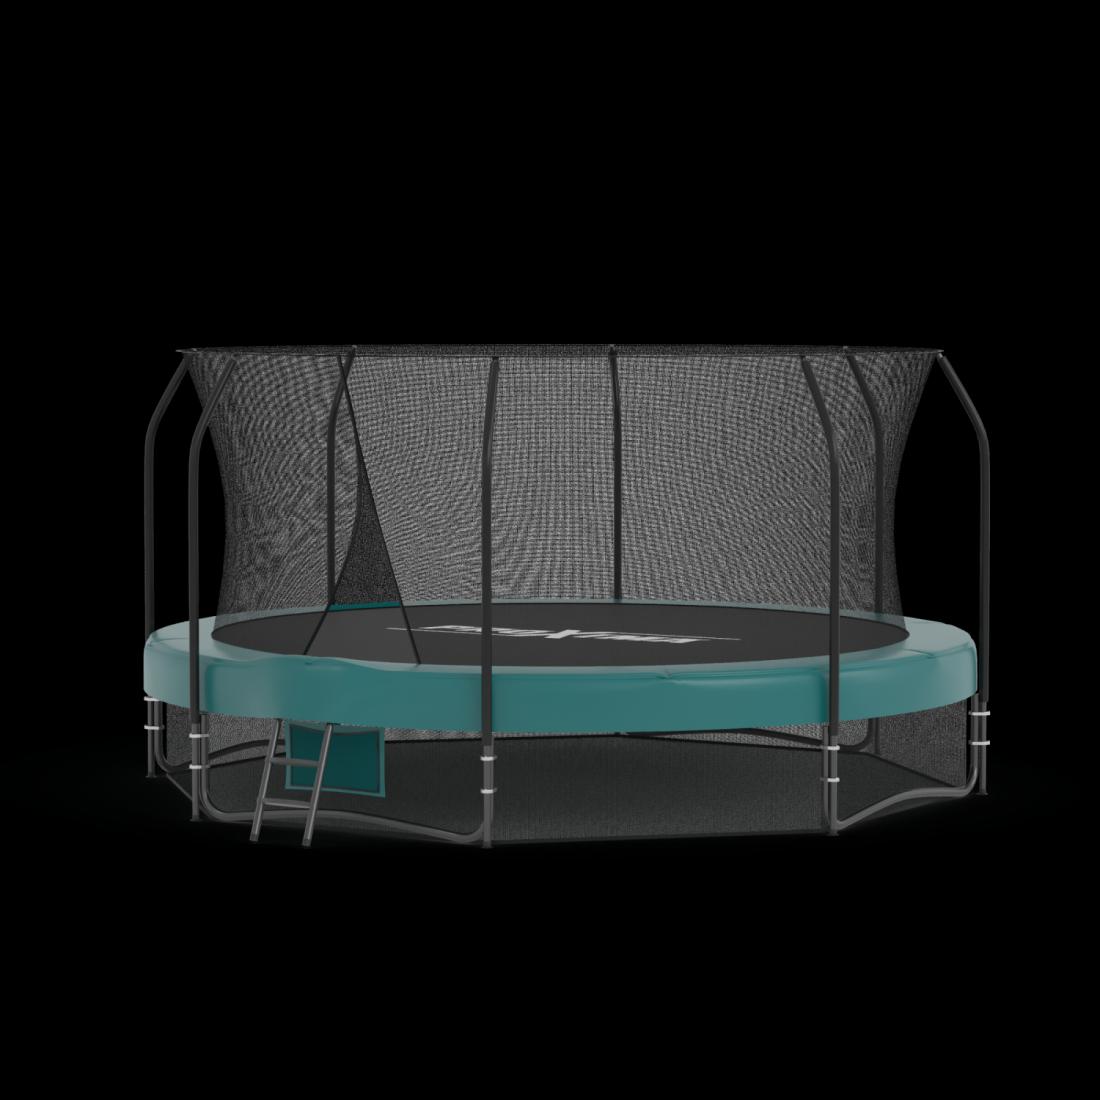 Батут Proxima Premium (366 см, до 160 кг)